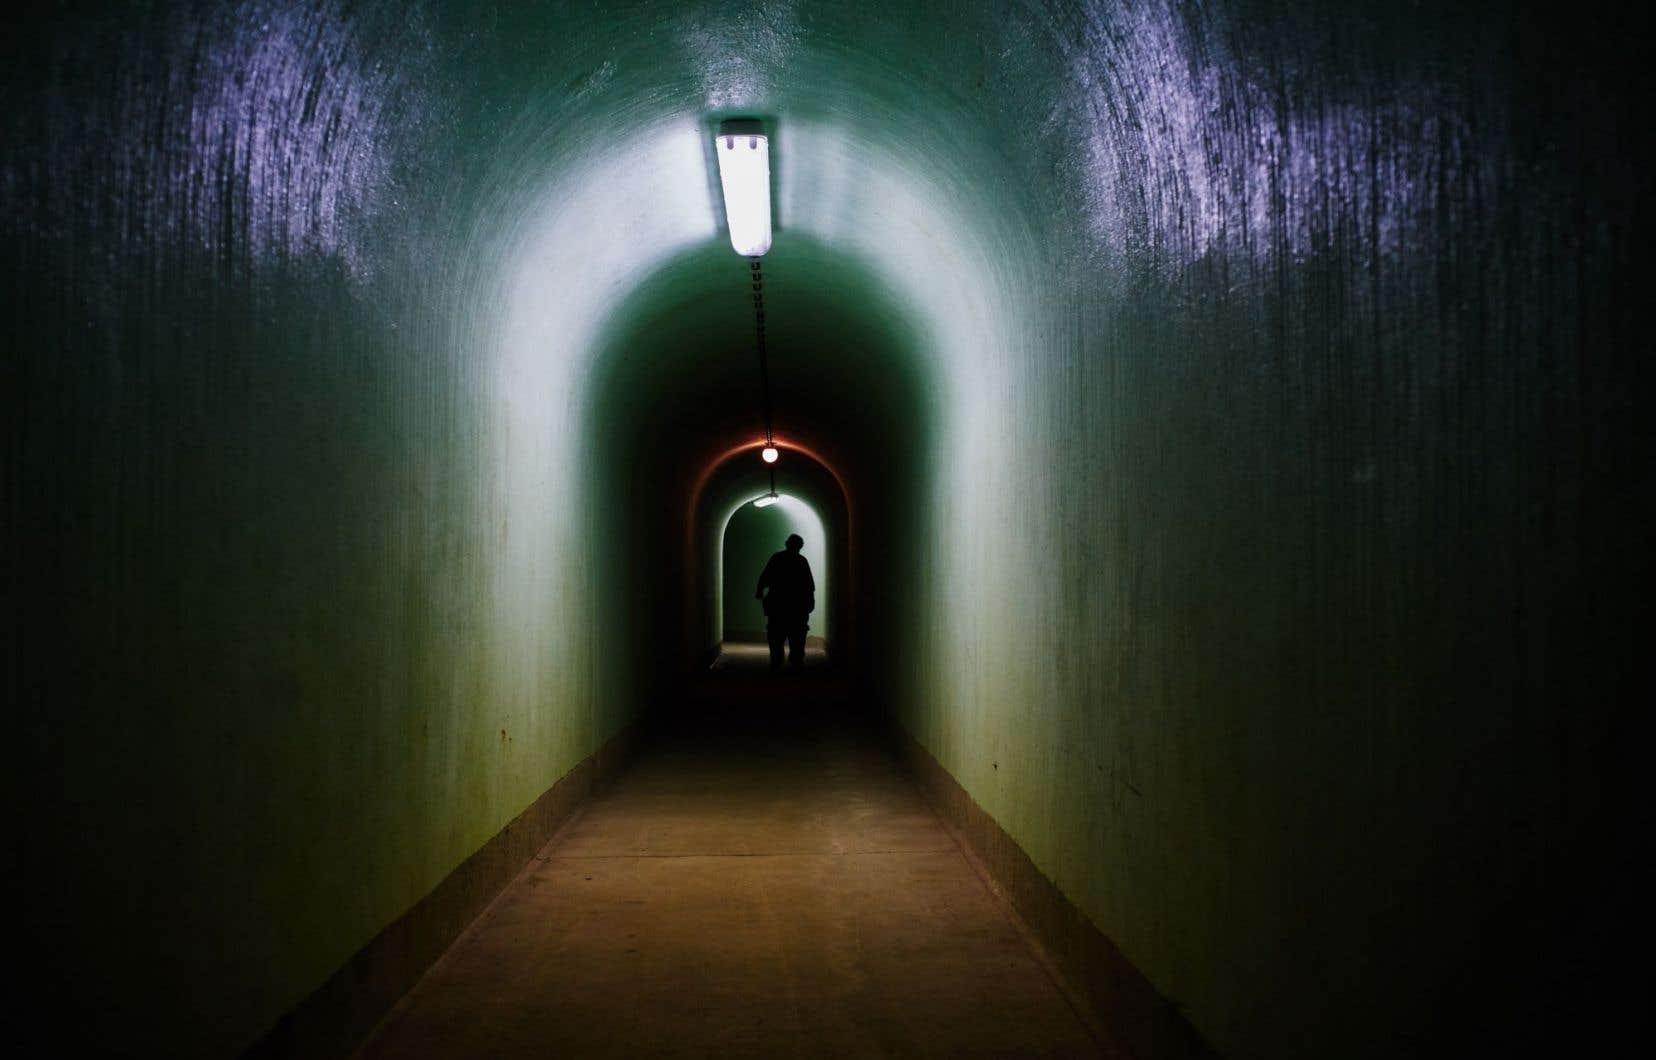 L'intérieur du bunker Skrilje, situé dans une forêt à 90 mètres sous le sol sur une base militaire scellée près de la ville de Kocevje, en Slovénie